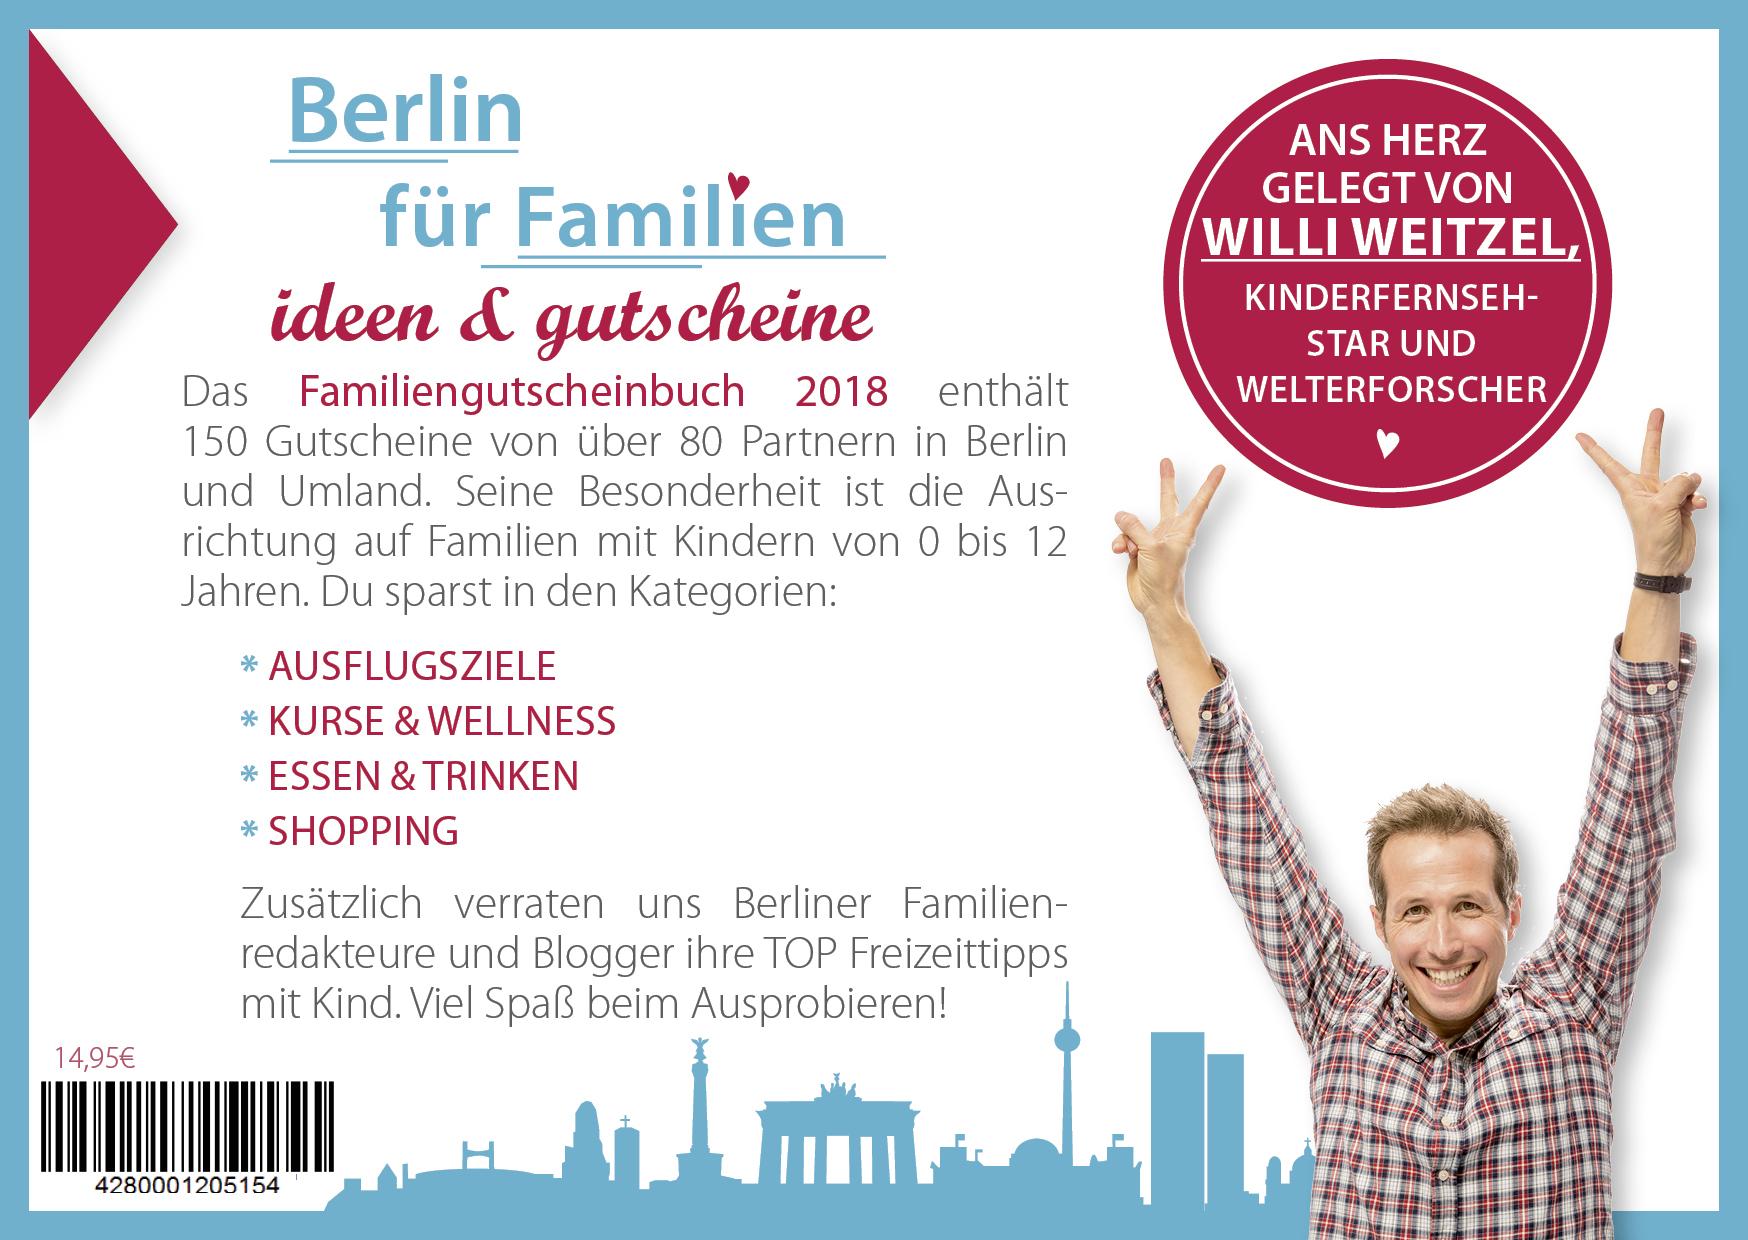 Familien Gutscheinbuch Cover Berlin Rueckseite - Gutscheinbuch Berlin für Familien